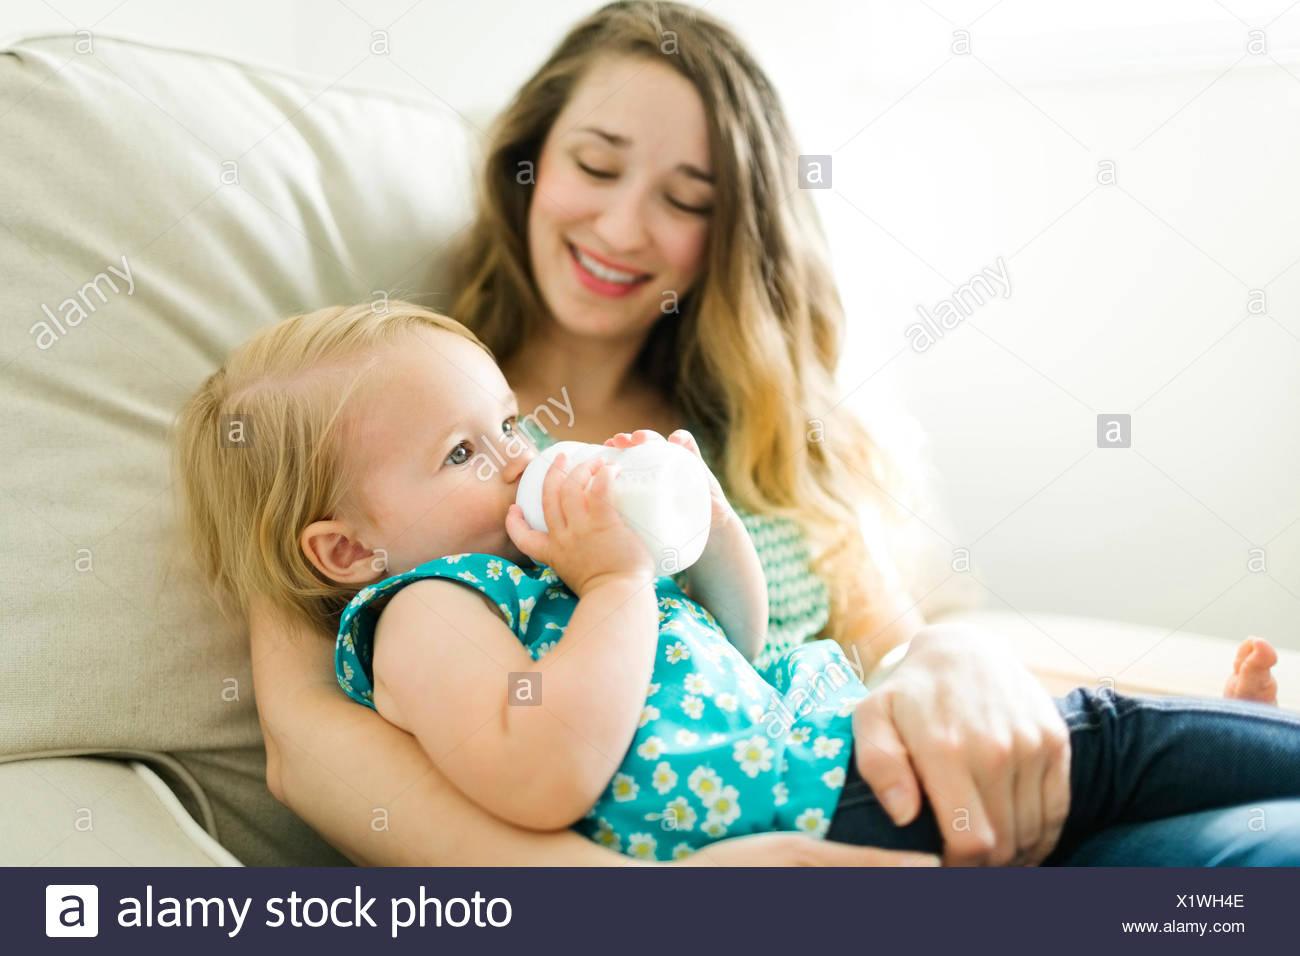 Mutter feeding baby girl (12-17 Monate) im Wohnzimmer. Stockbild